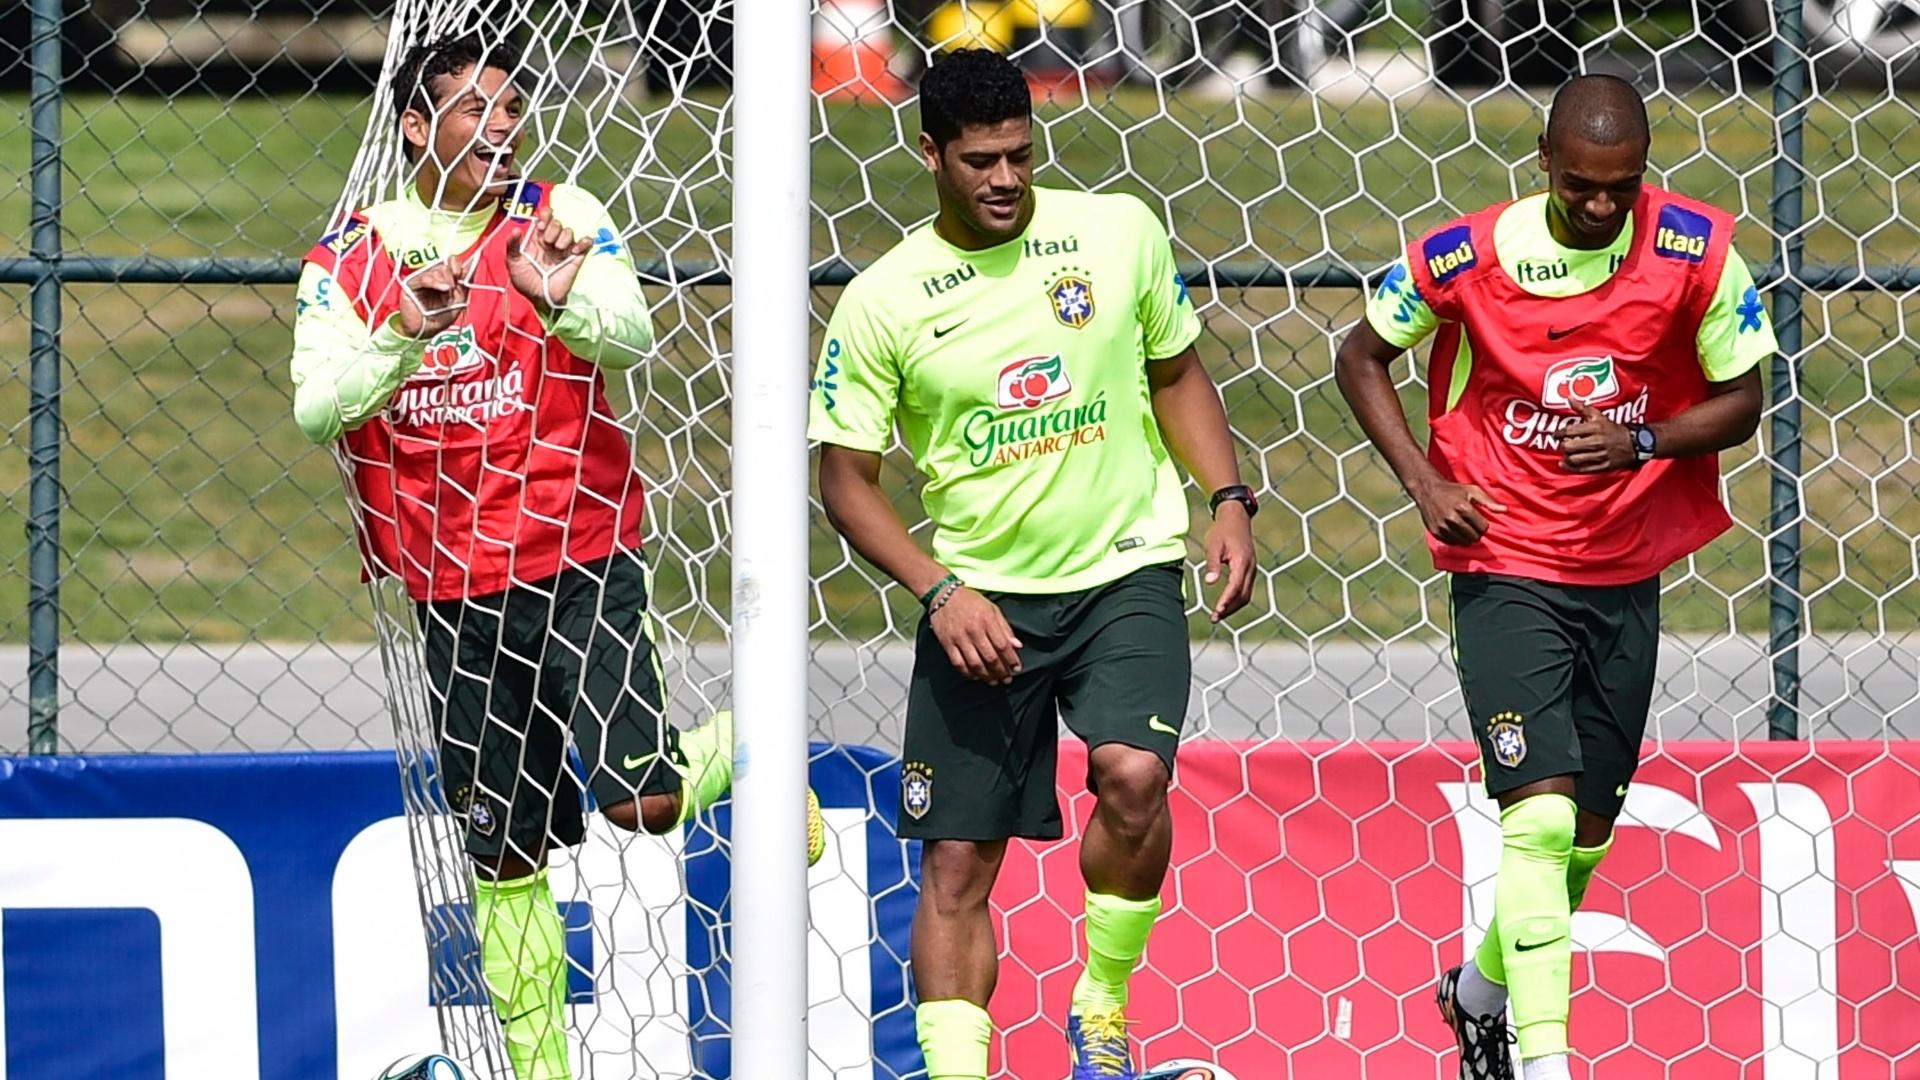 07.jul.2014 - Thiago Silva, Hulk e Fernandinho brincam durante treino da seleção brasileira nesta segunda (07/07), o último antes da viagem a Belo Horizonte